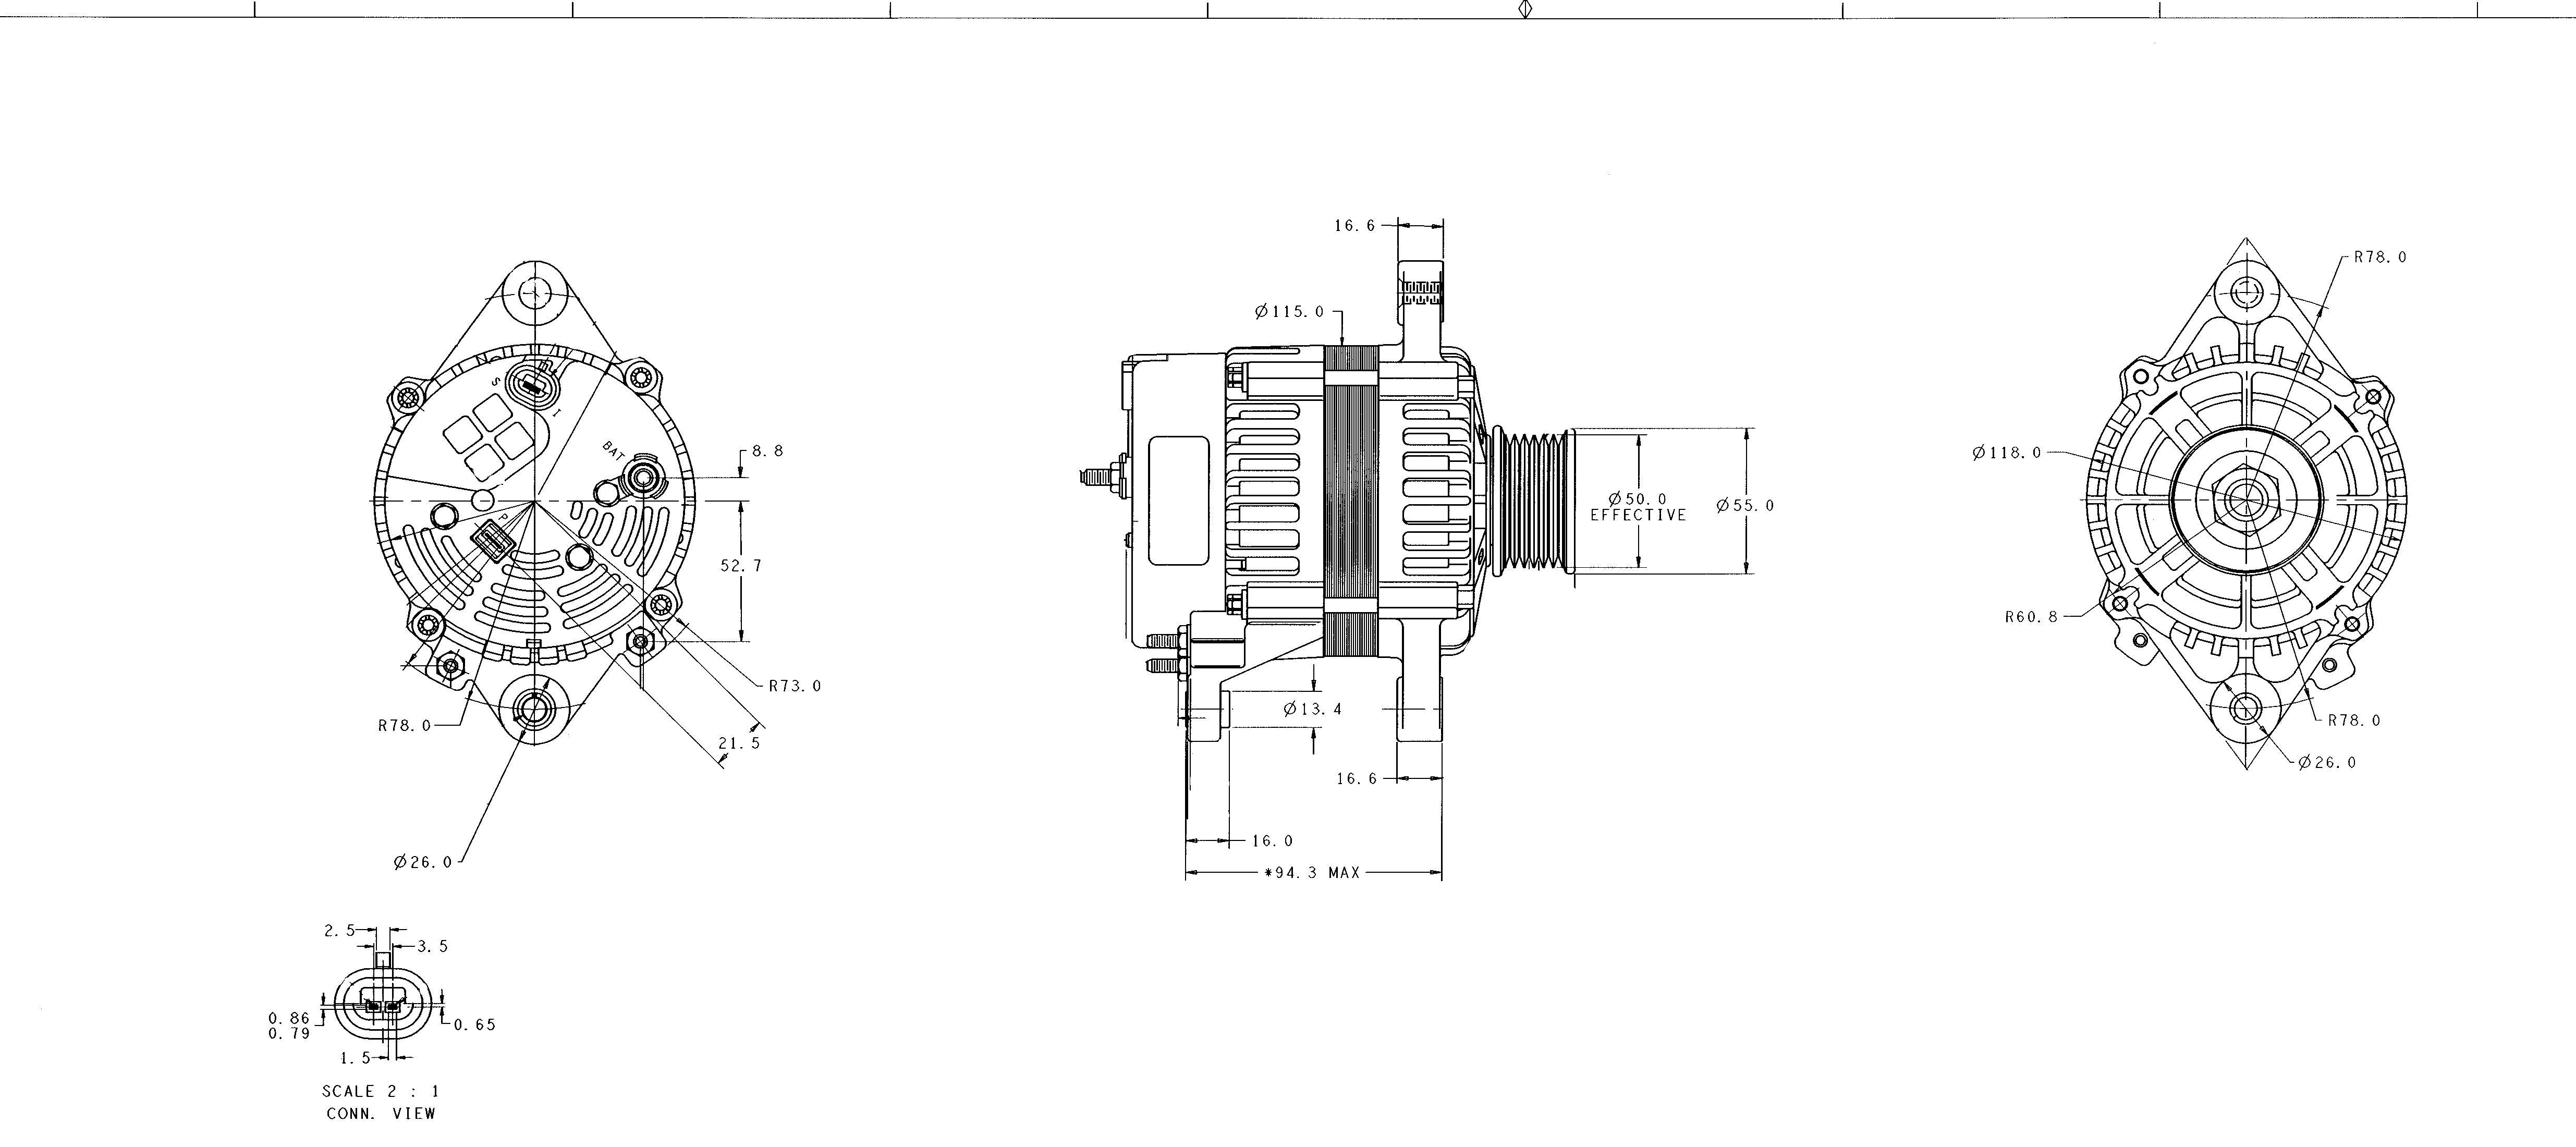 dre19020612 alternator delco